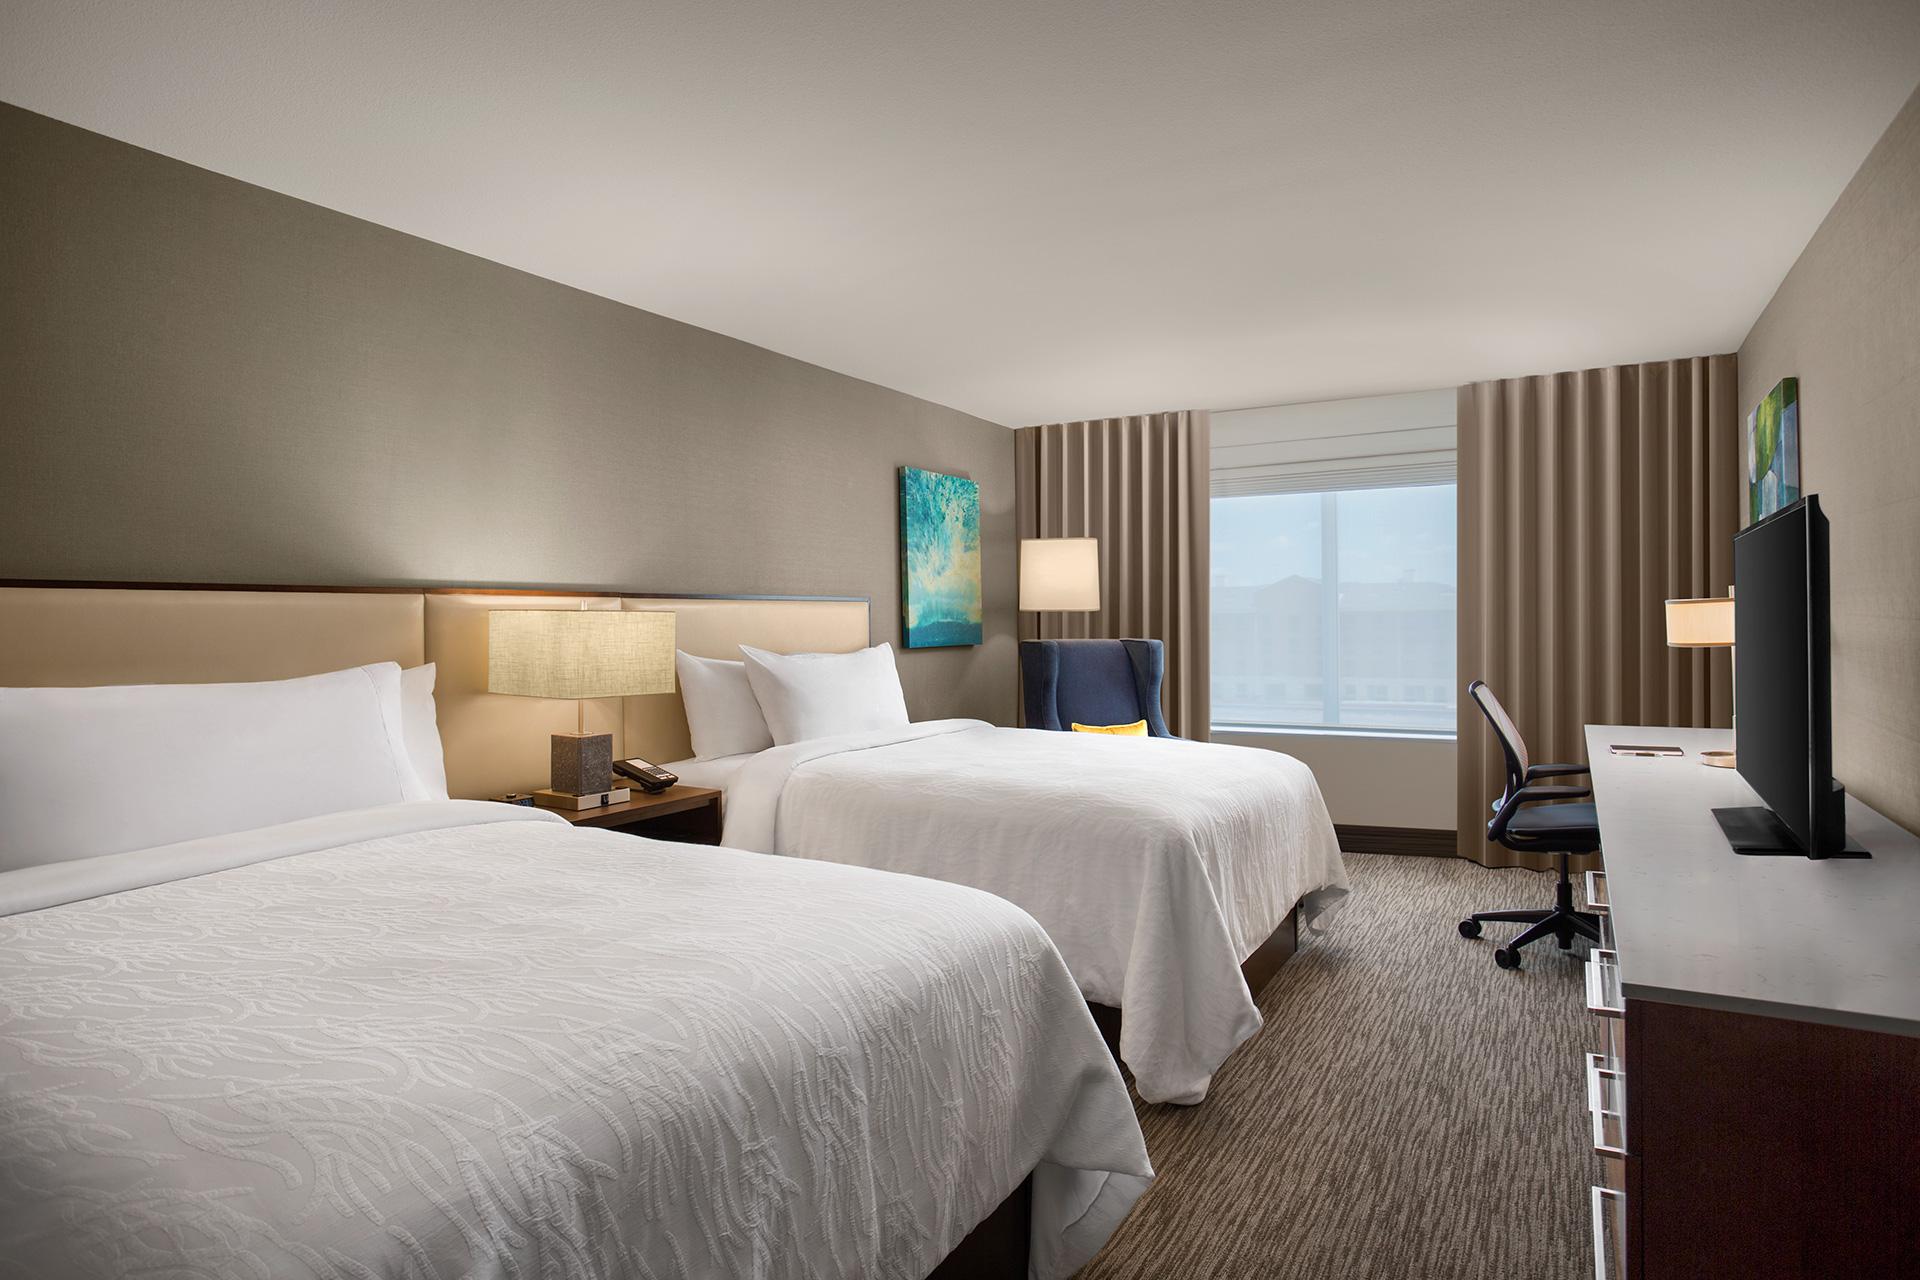 Hilton Garden Inn Lubbock Hotel